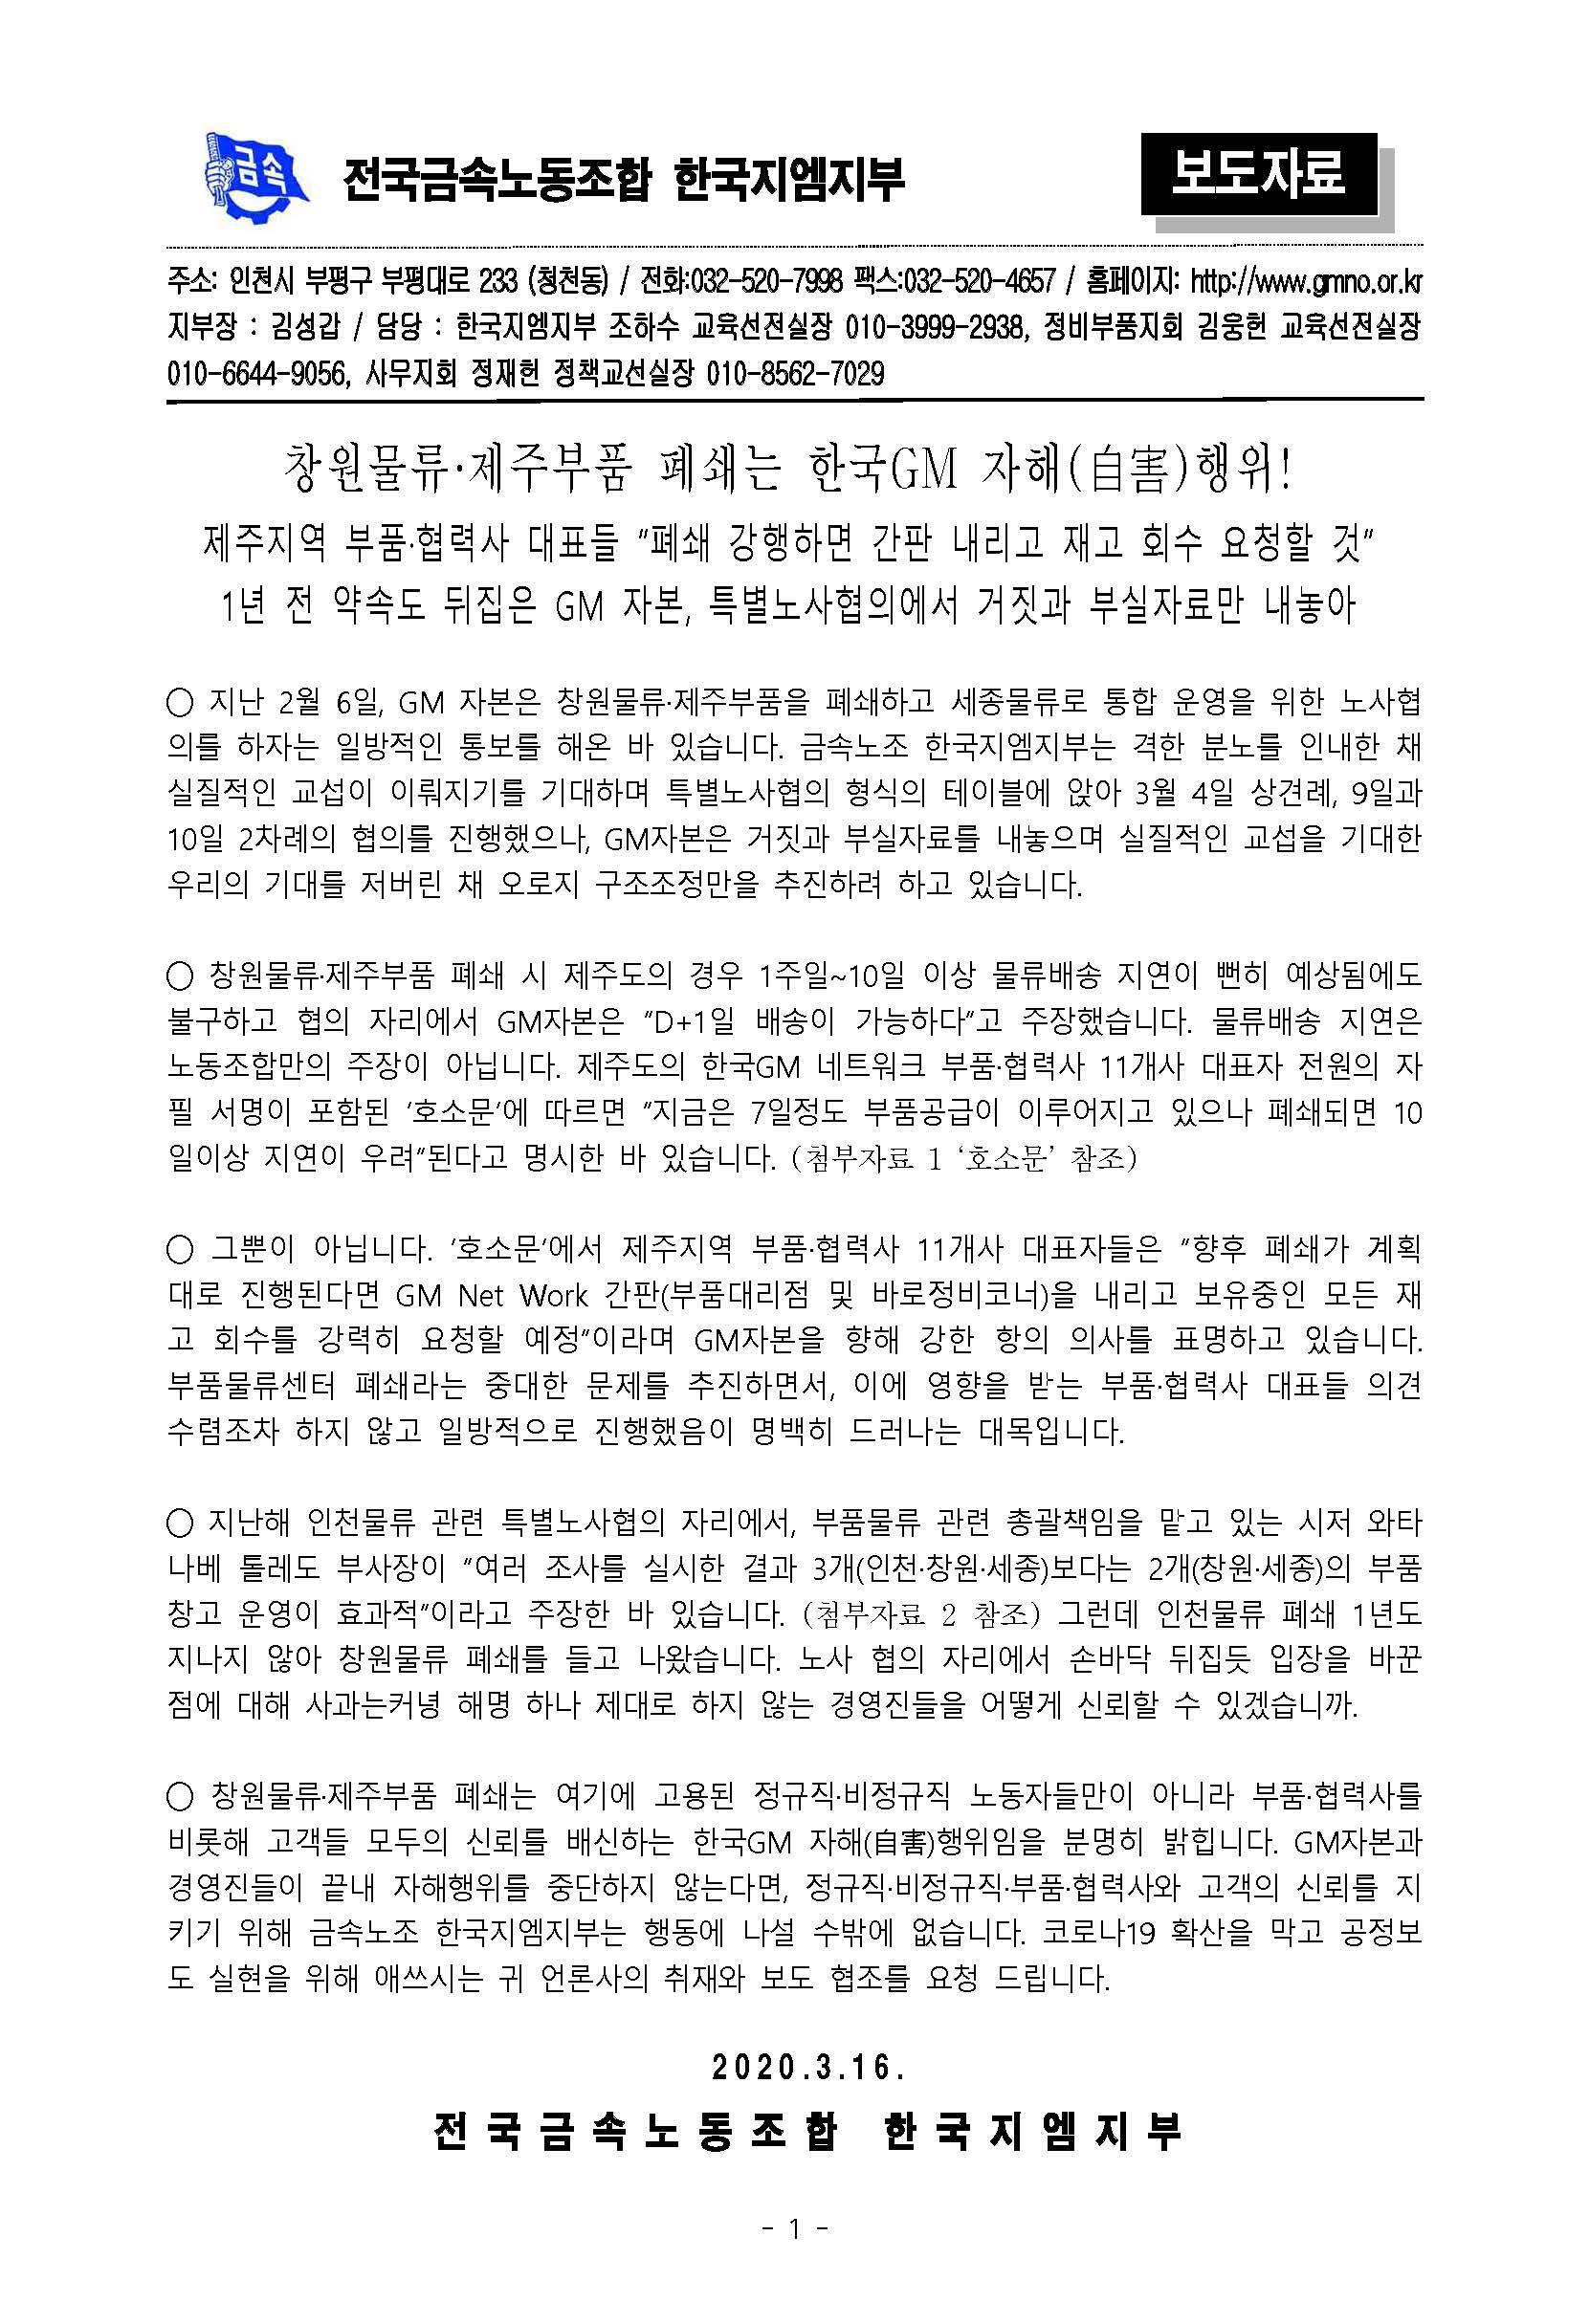 200316_보도자료_창원제주폐쇄저지_페이지_1.jpg